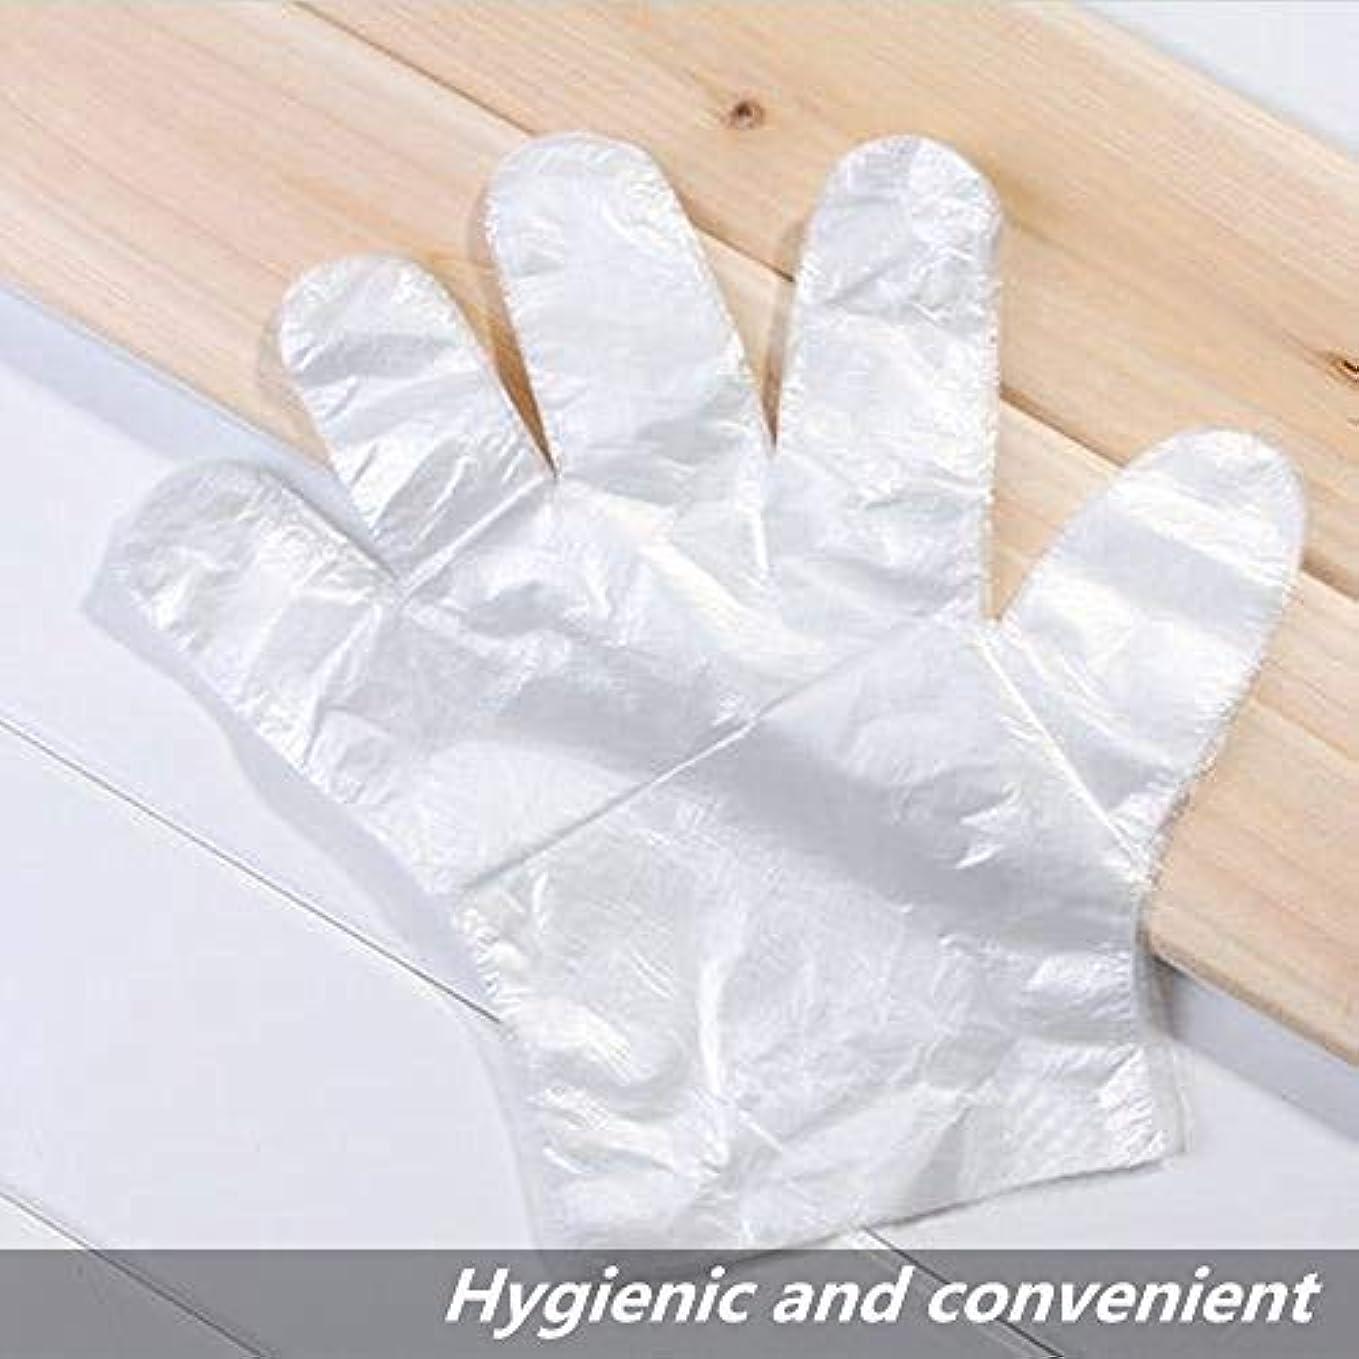 使い捨て手袋 プラスチック製使い捨て手袋 超薄型多機能透明なプラスチック手袋調理、掃除、染色などに適しています 50または100個 (100)